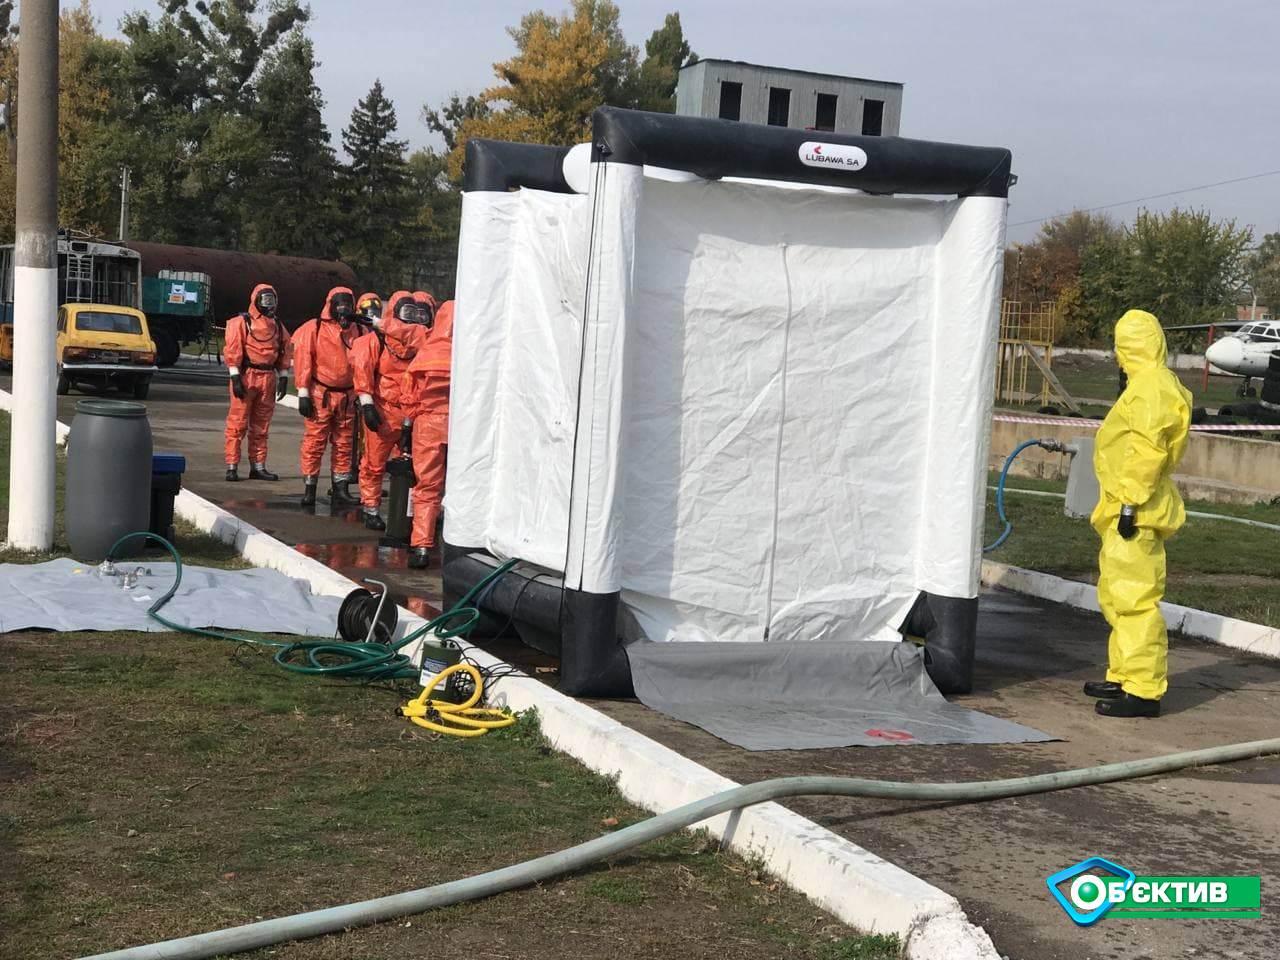 Тренинг по ликвидации химических аварий состоялся в Харькове